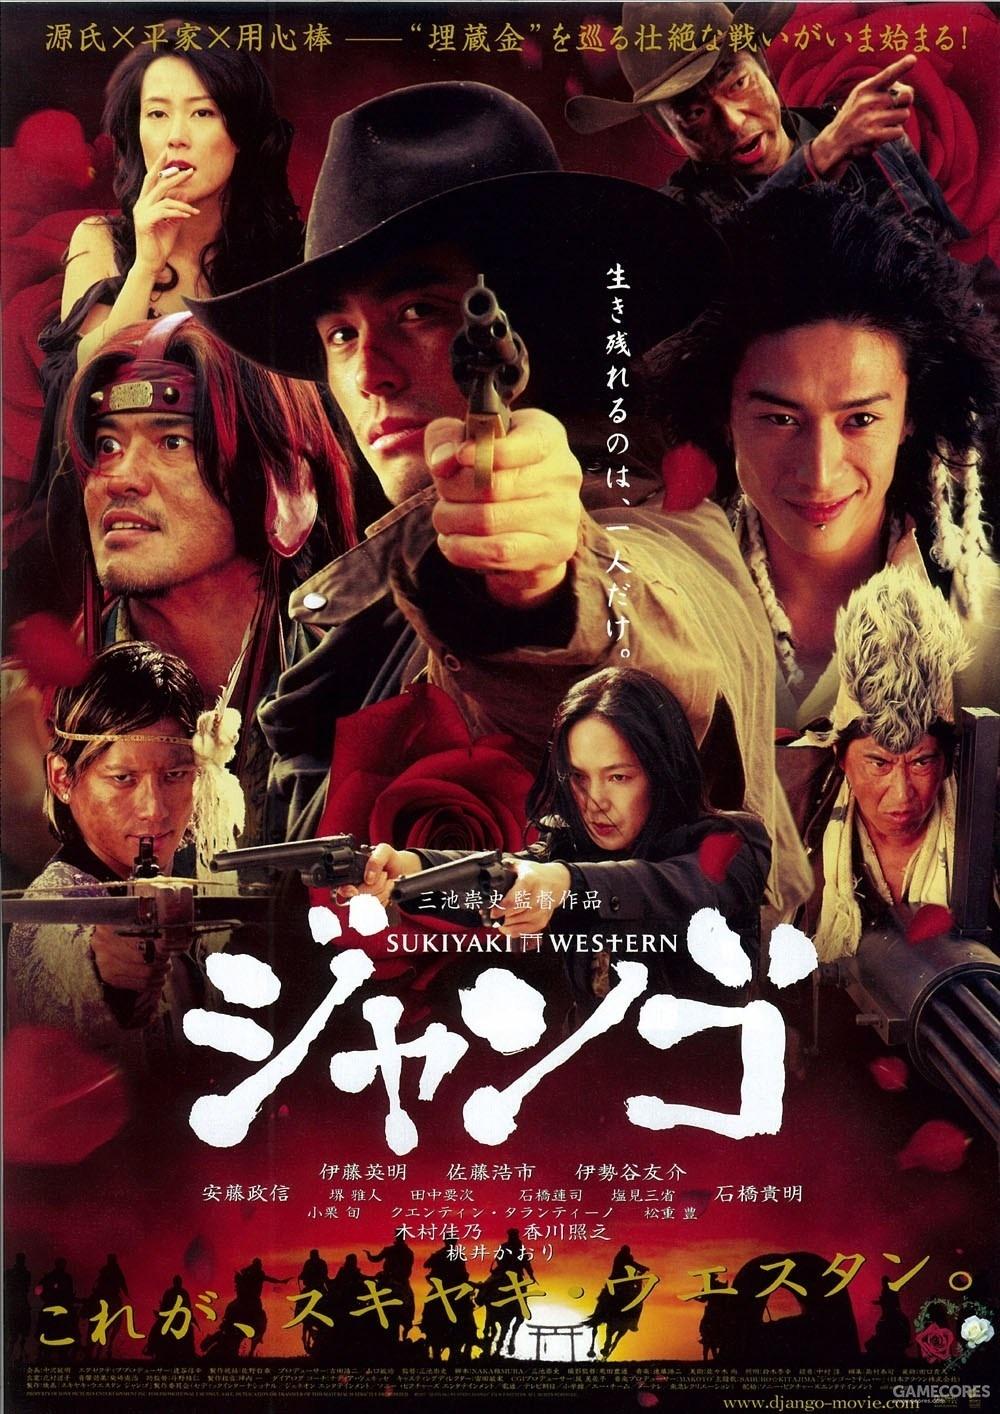 《寿喜烧西部片》,2003年